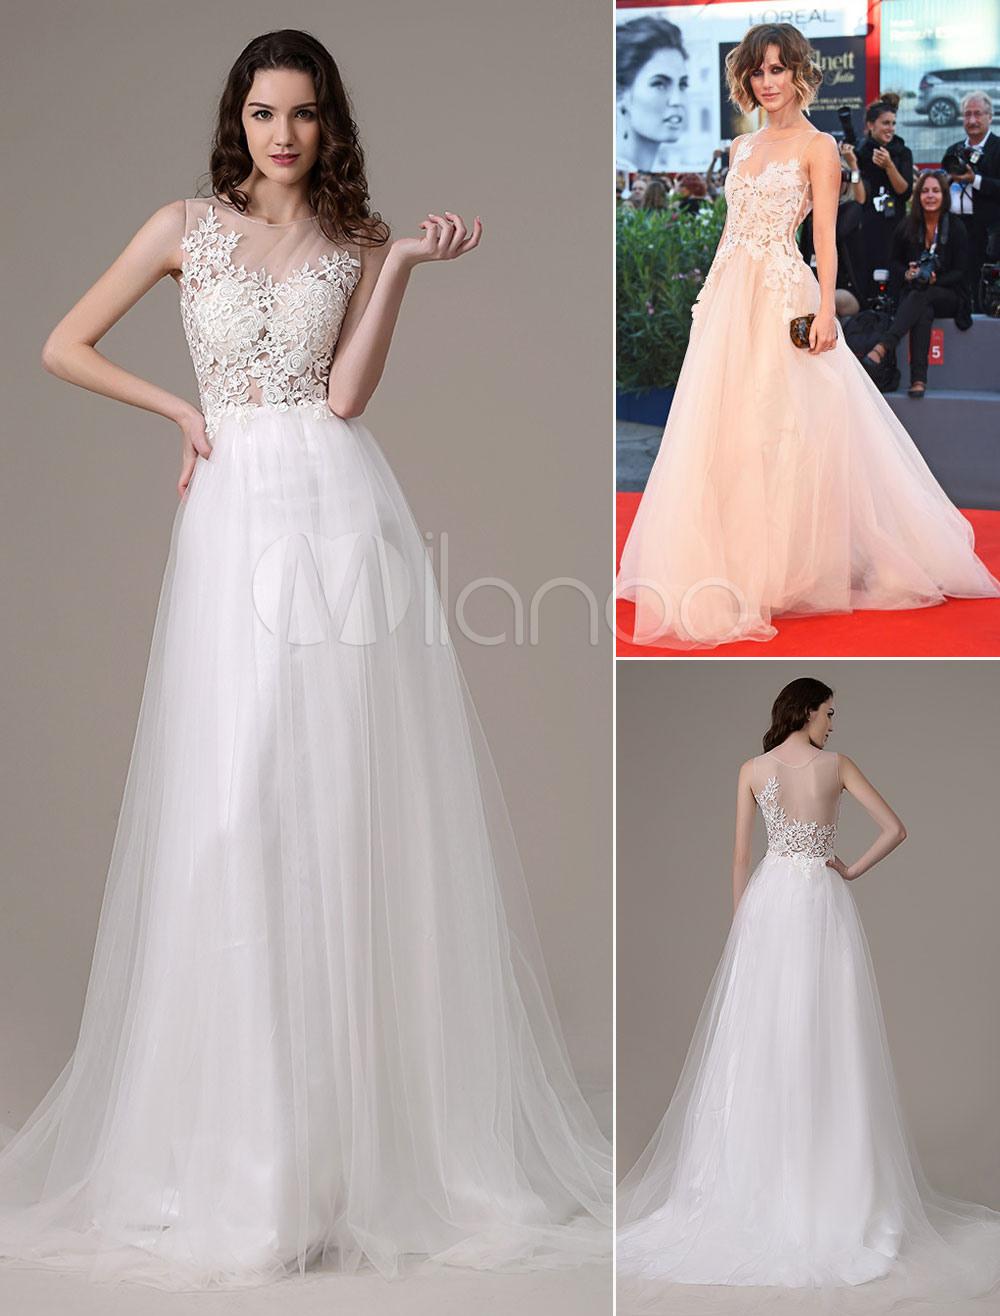 10 Luxurius Abendkleider In Weiß DesignAbend Großartig Abendkleider In Weiß Design